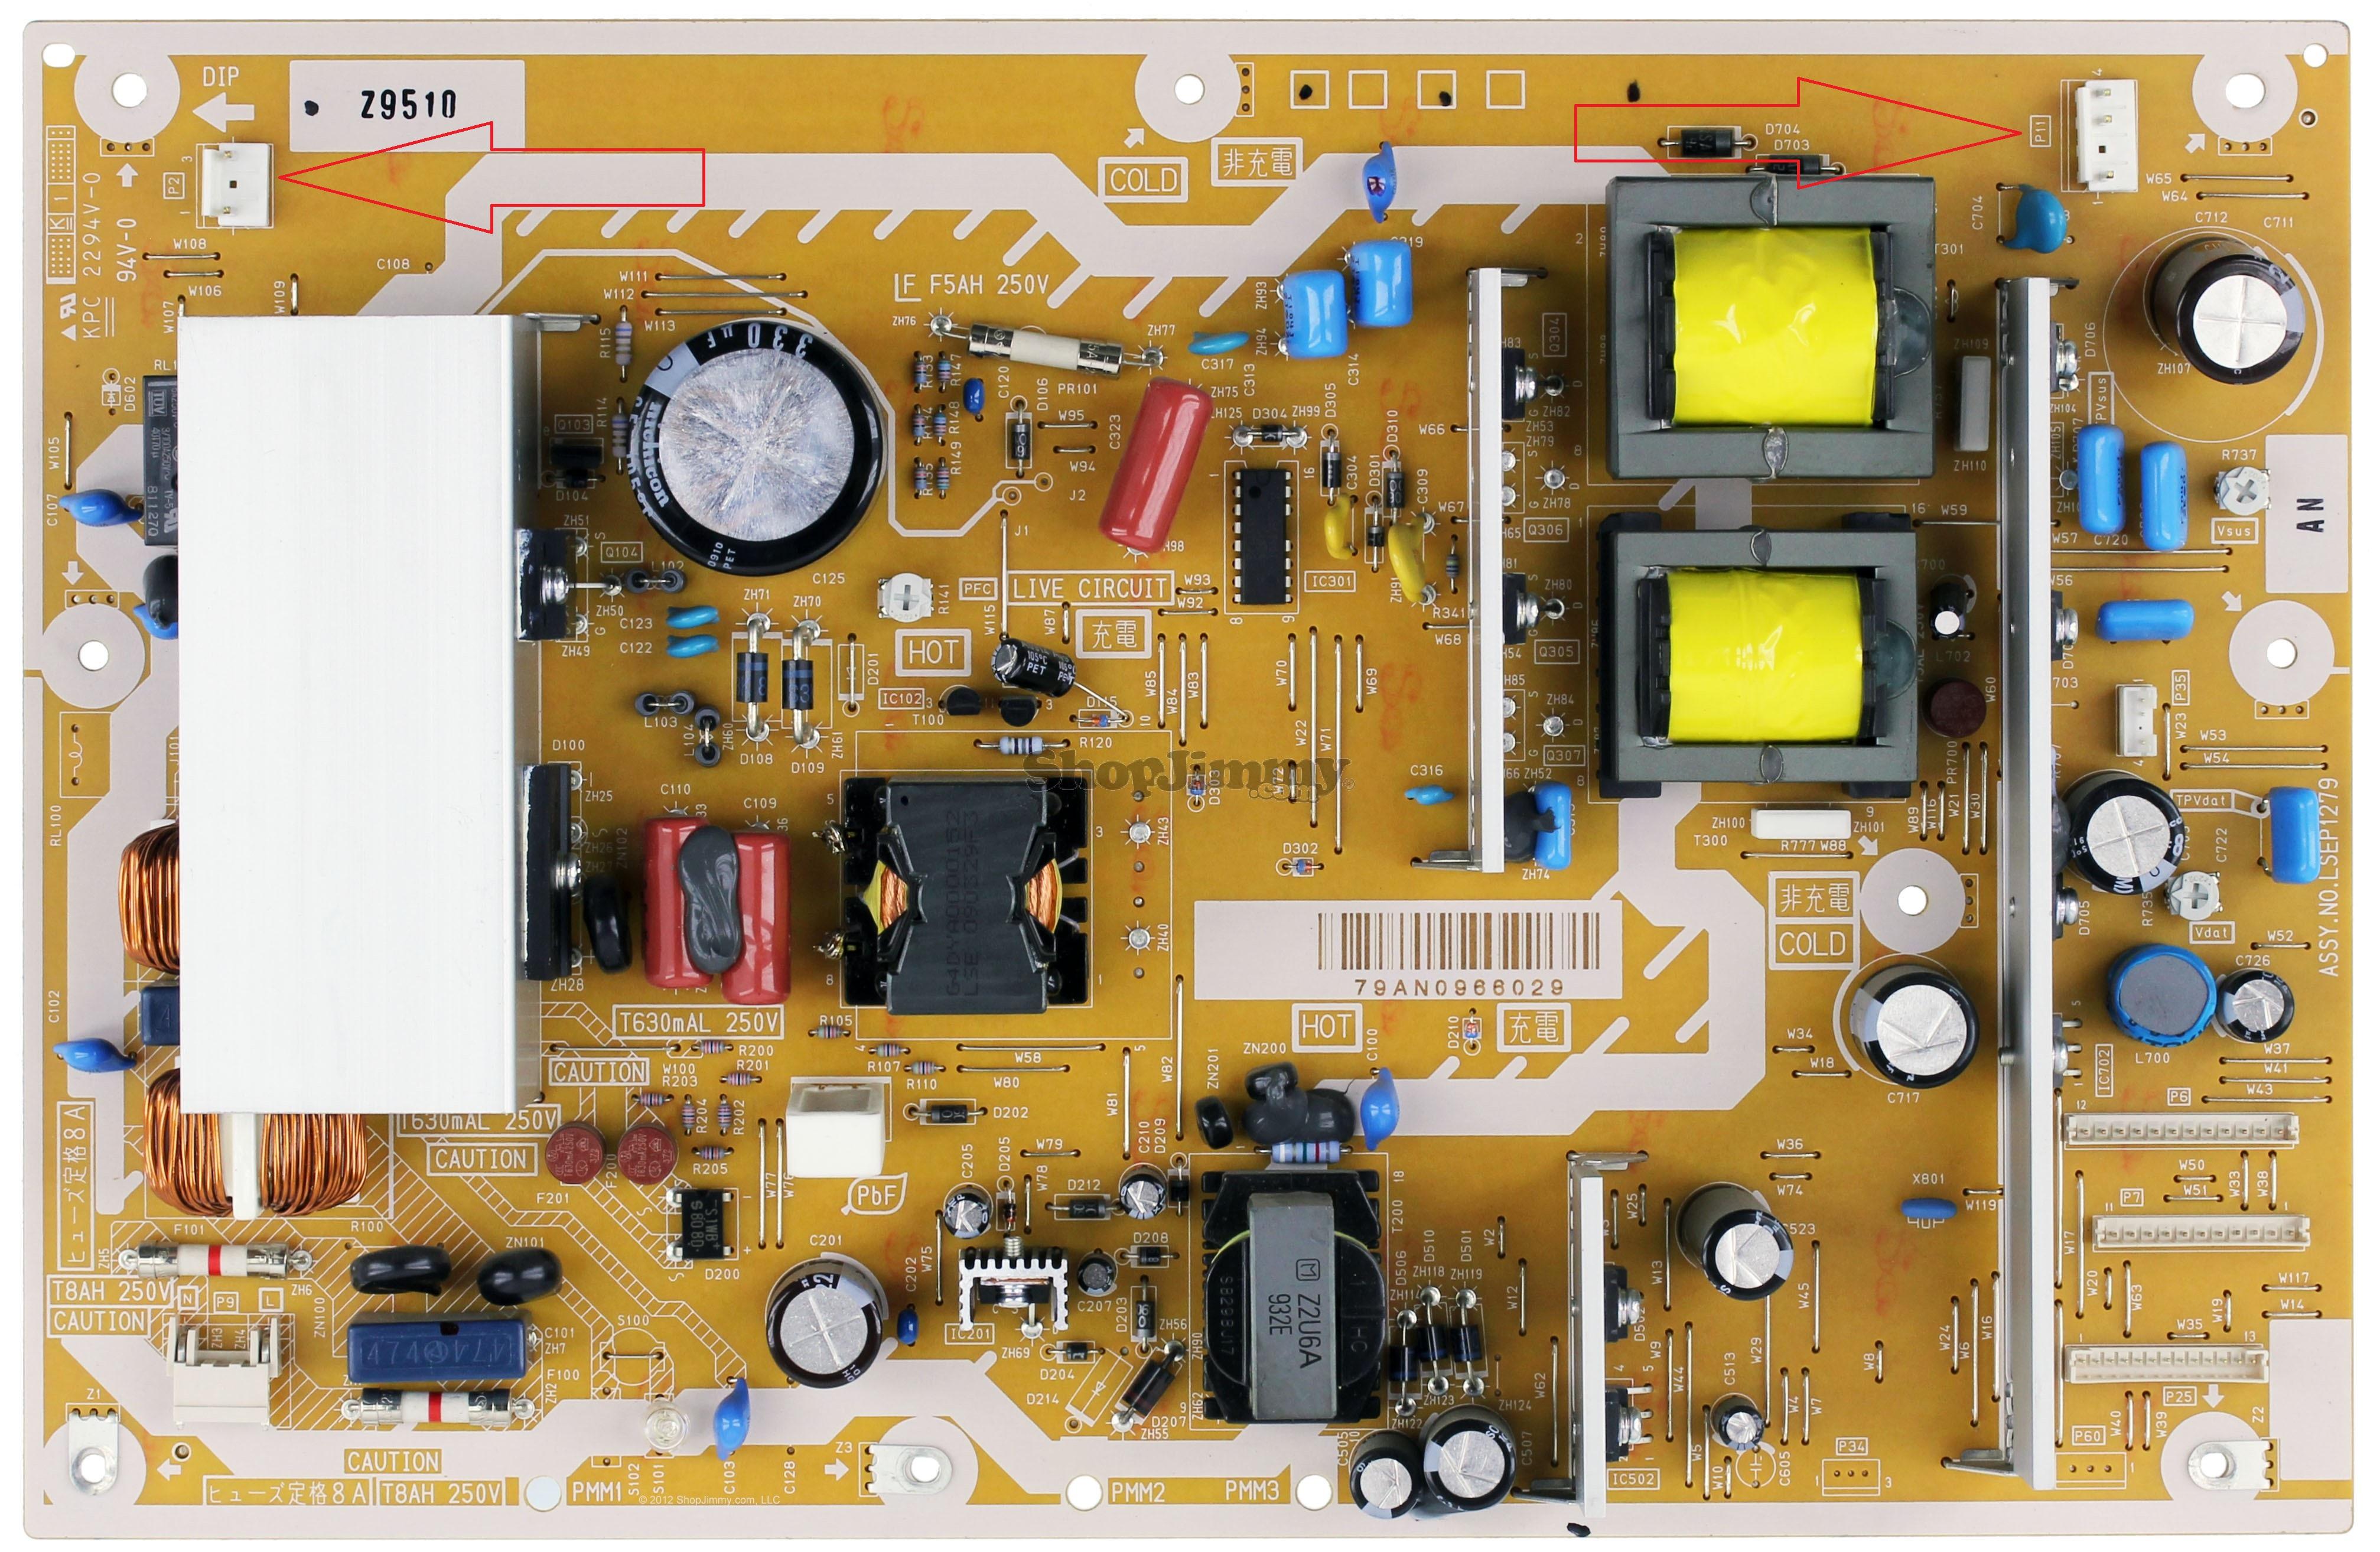 99842663-eb2f-4a04-8bd1-0a77bac56f91_lsep1279anhb-top.jpg